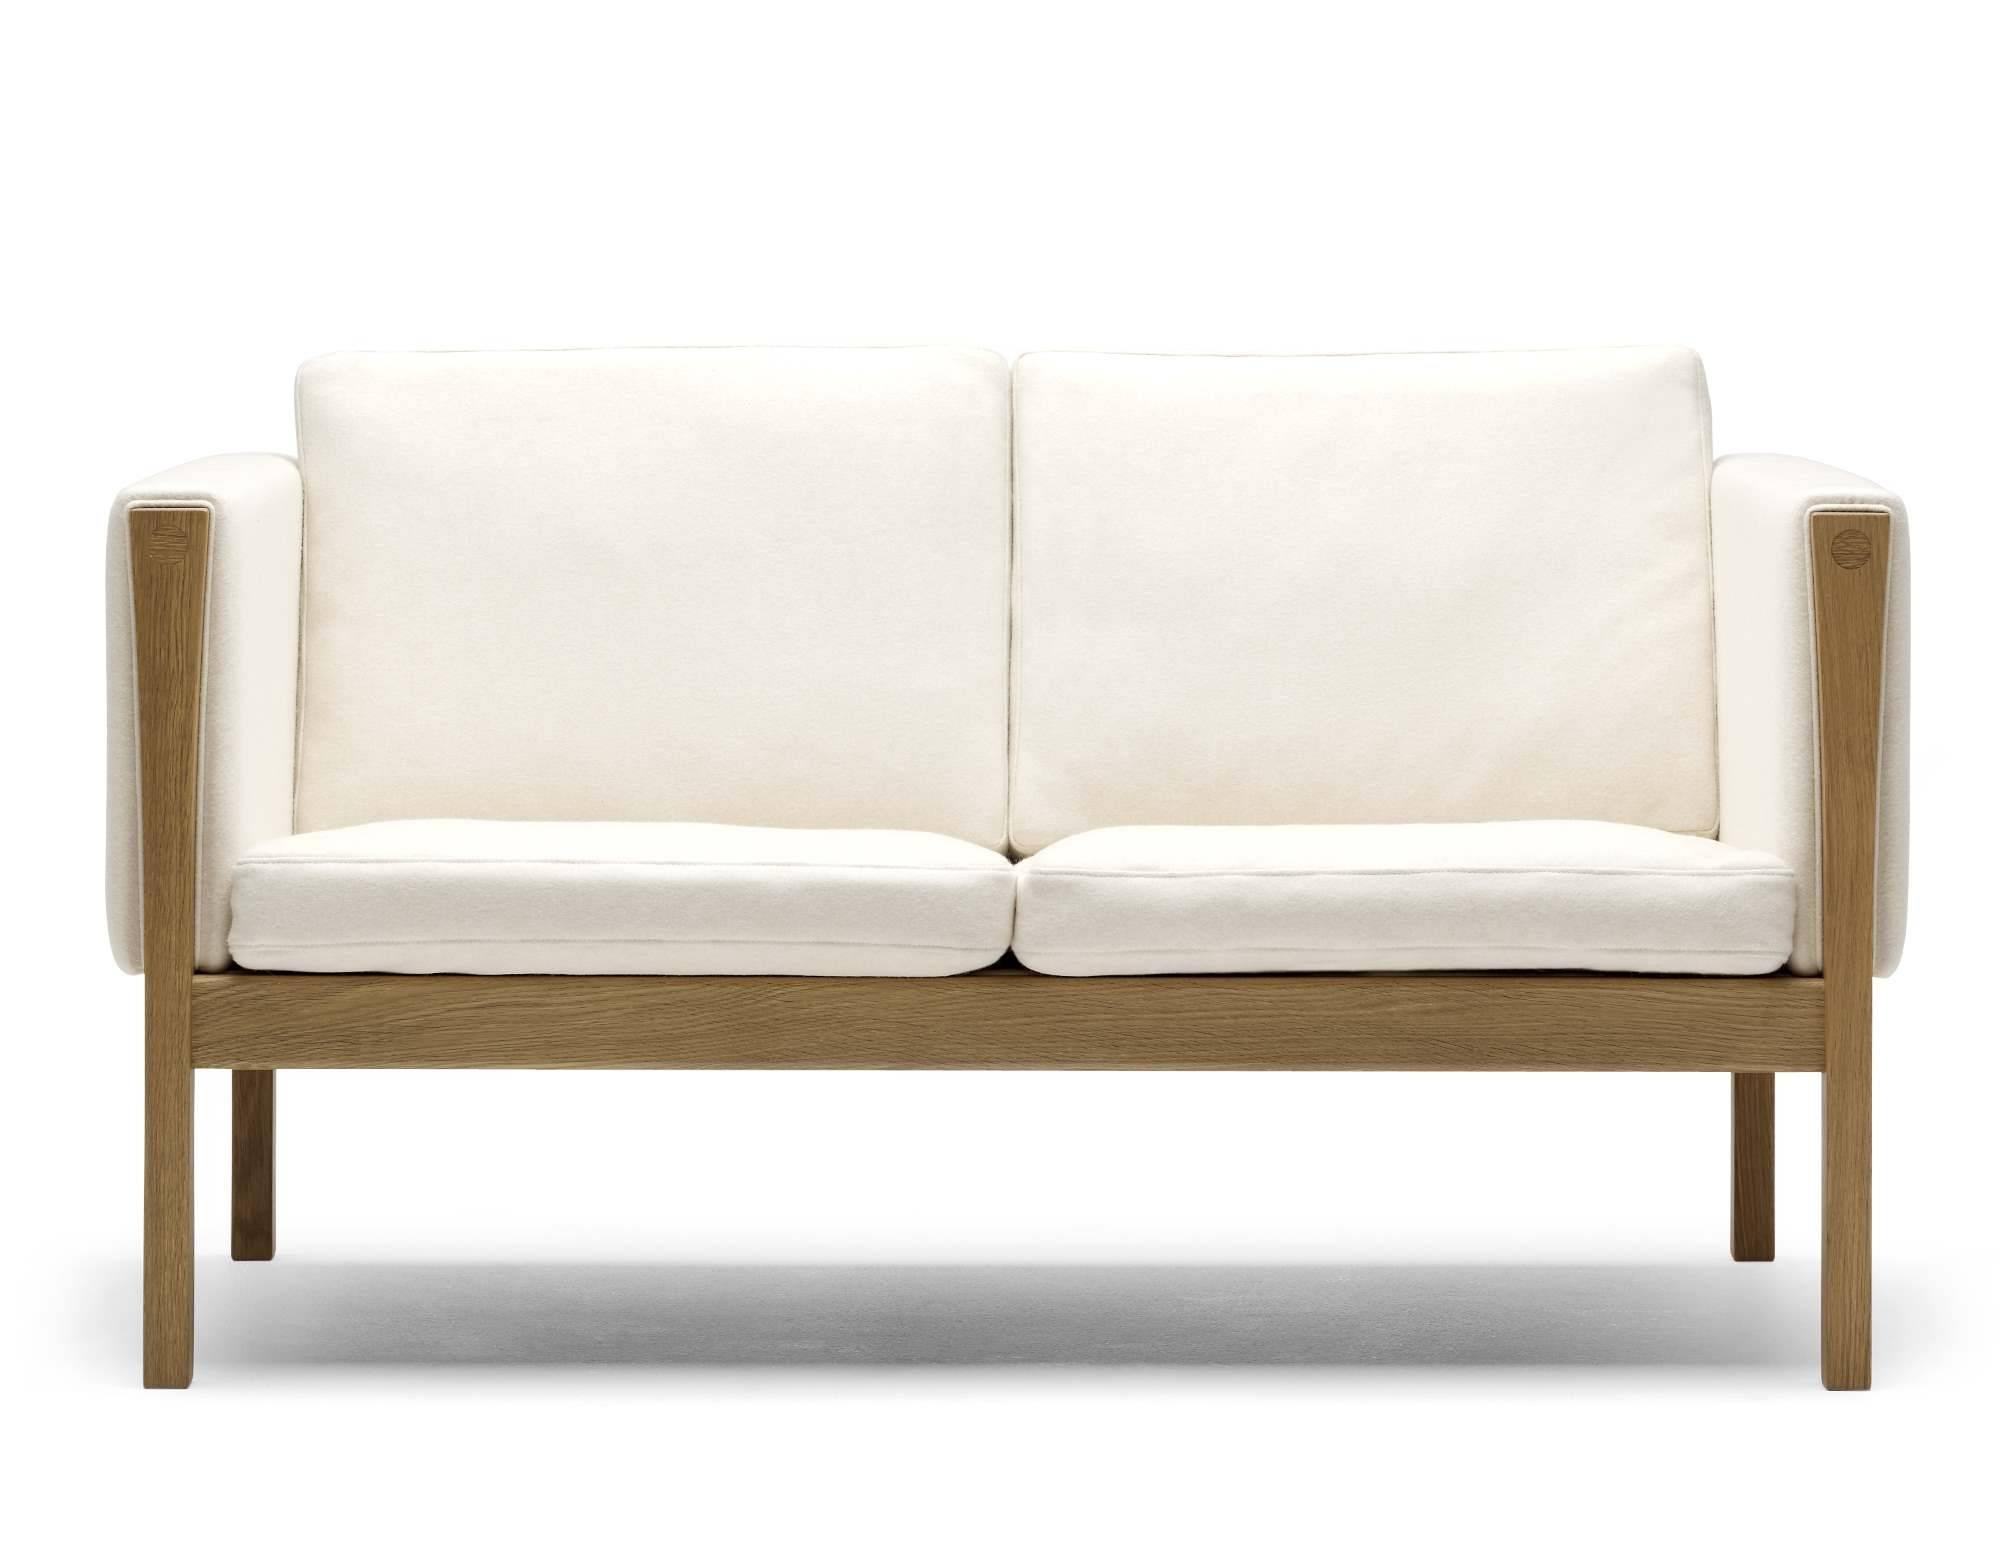 Sofas Center : 51 Stupendous Small 2 Seater Sofa Image Concept 2 in Small 2 Seater Sofas (Image 20 of 30)